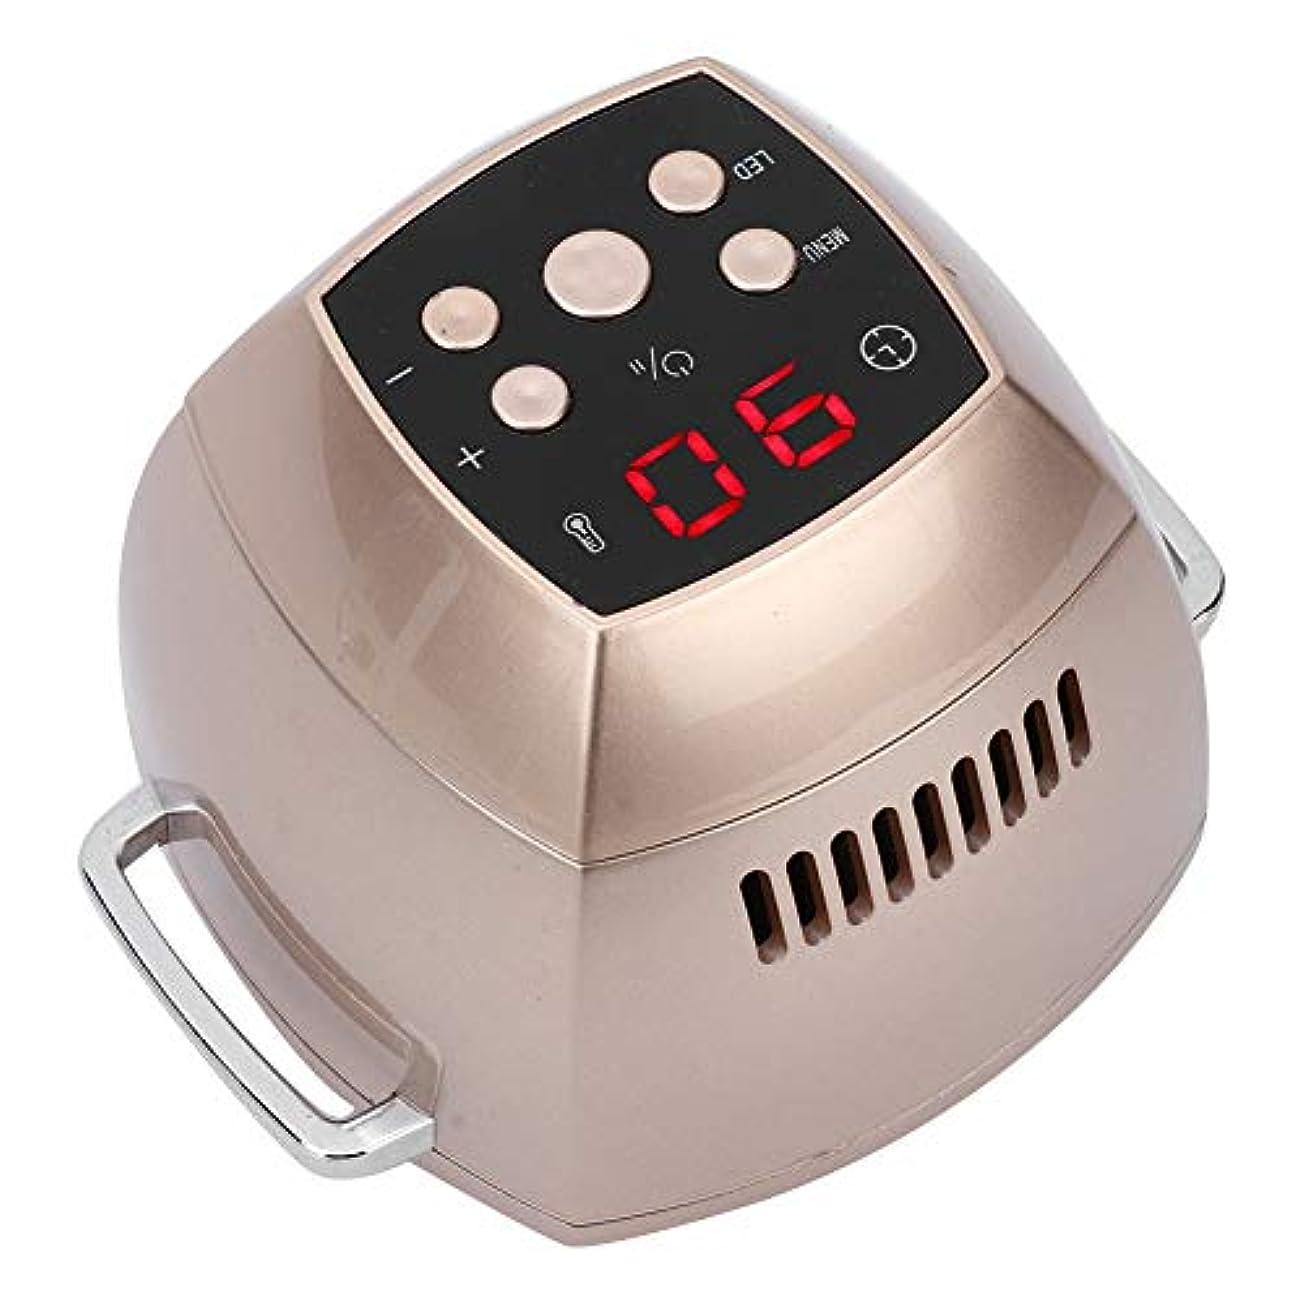 子豚バインド祖母疼痛緩和治療、健康、無煙、安全かつインテリジェントな遠隔制御のためのインテリジェント電子灸装置(US Plug)